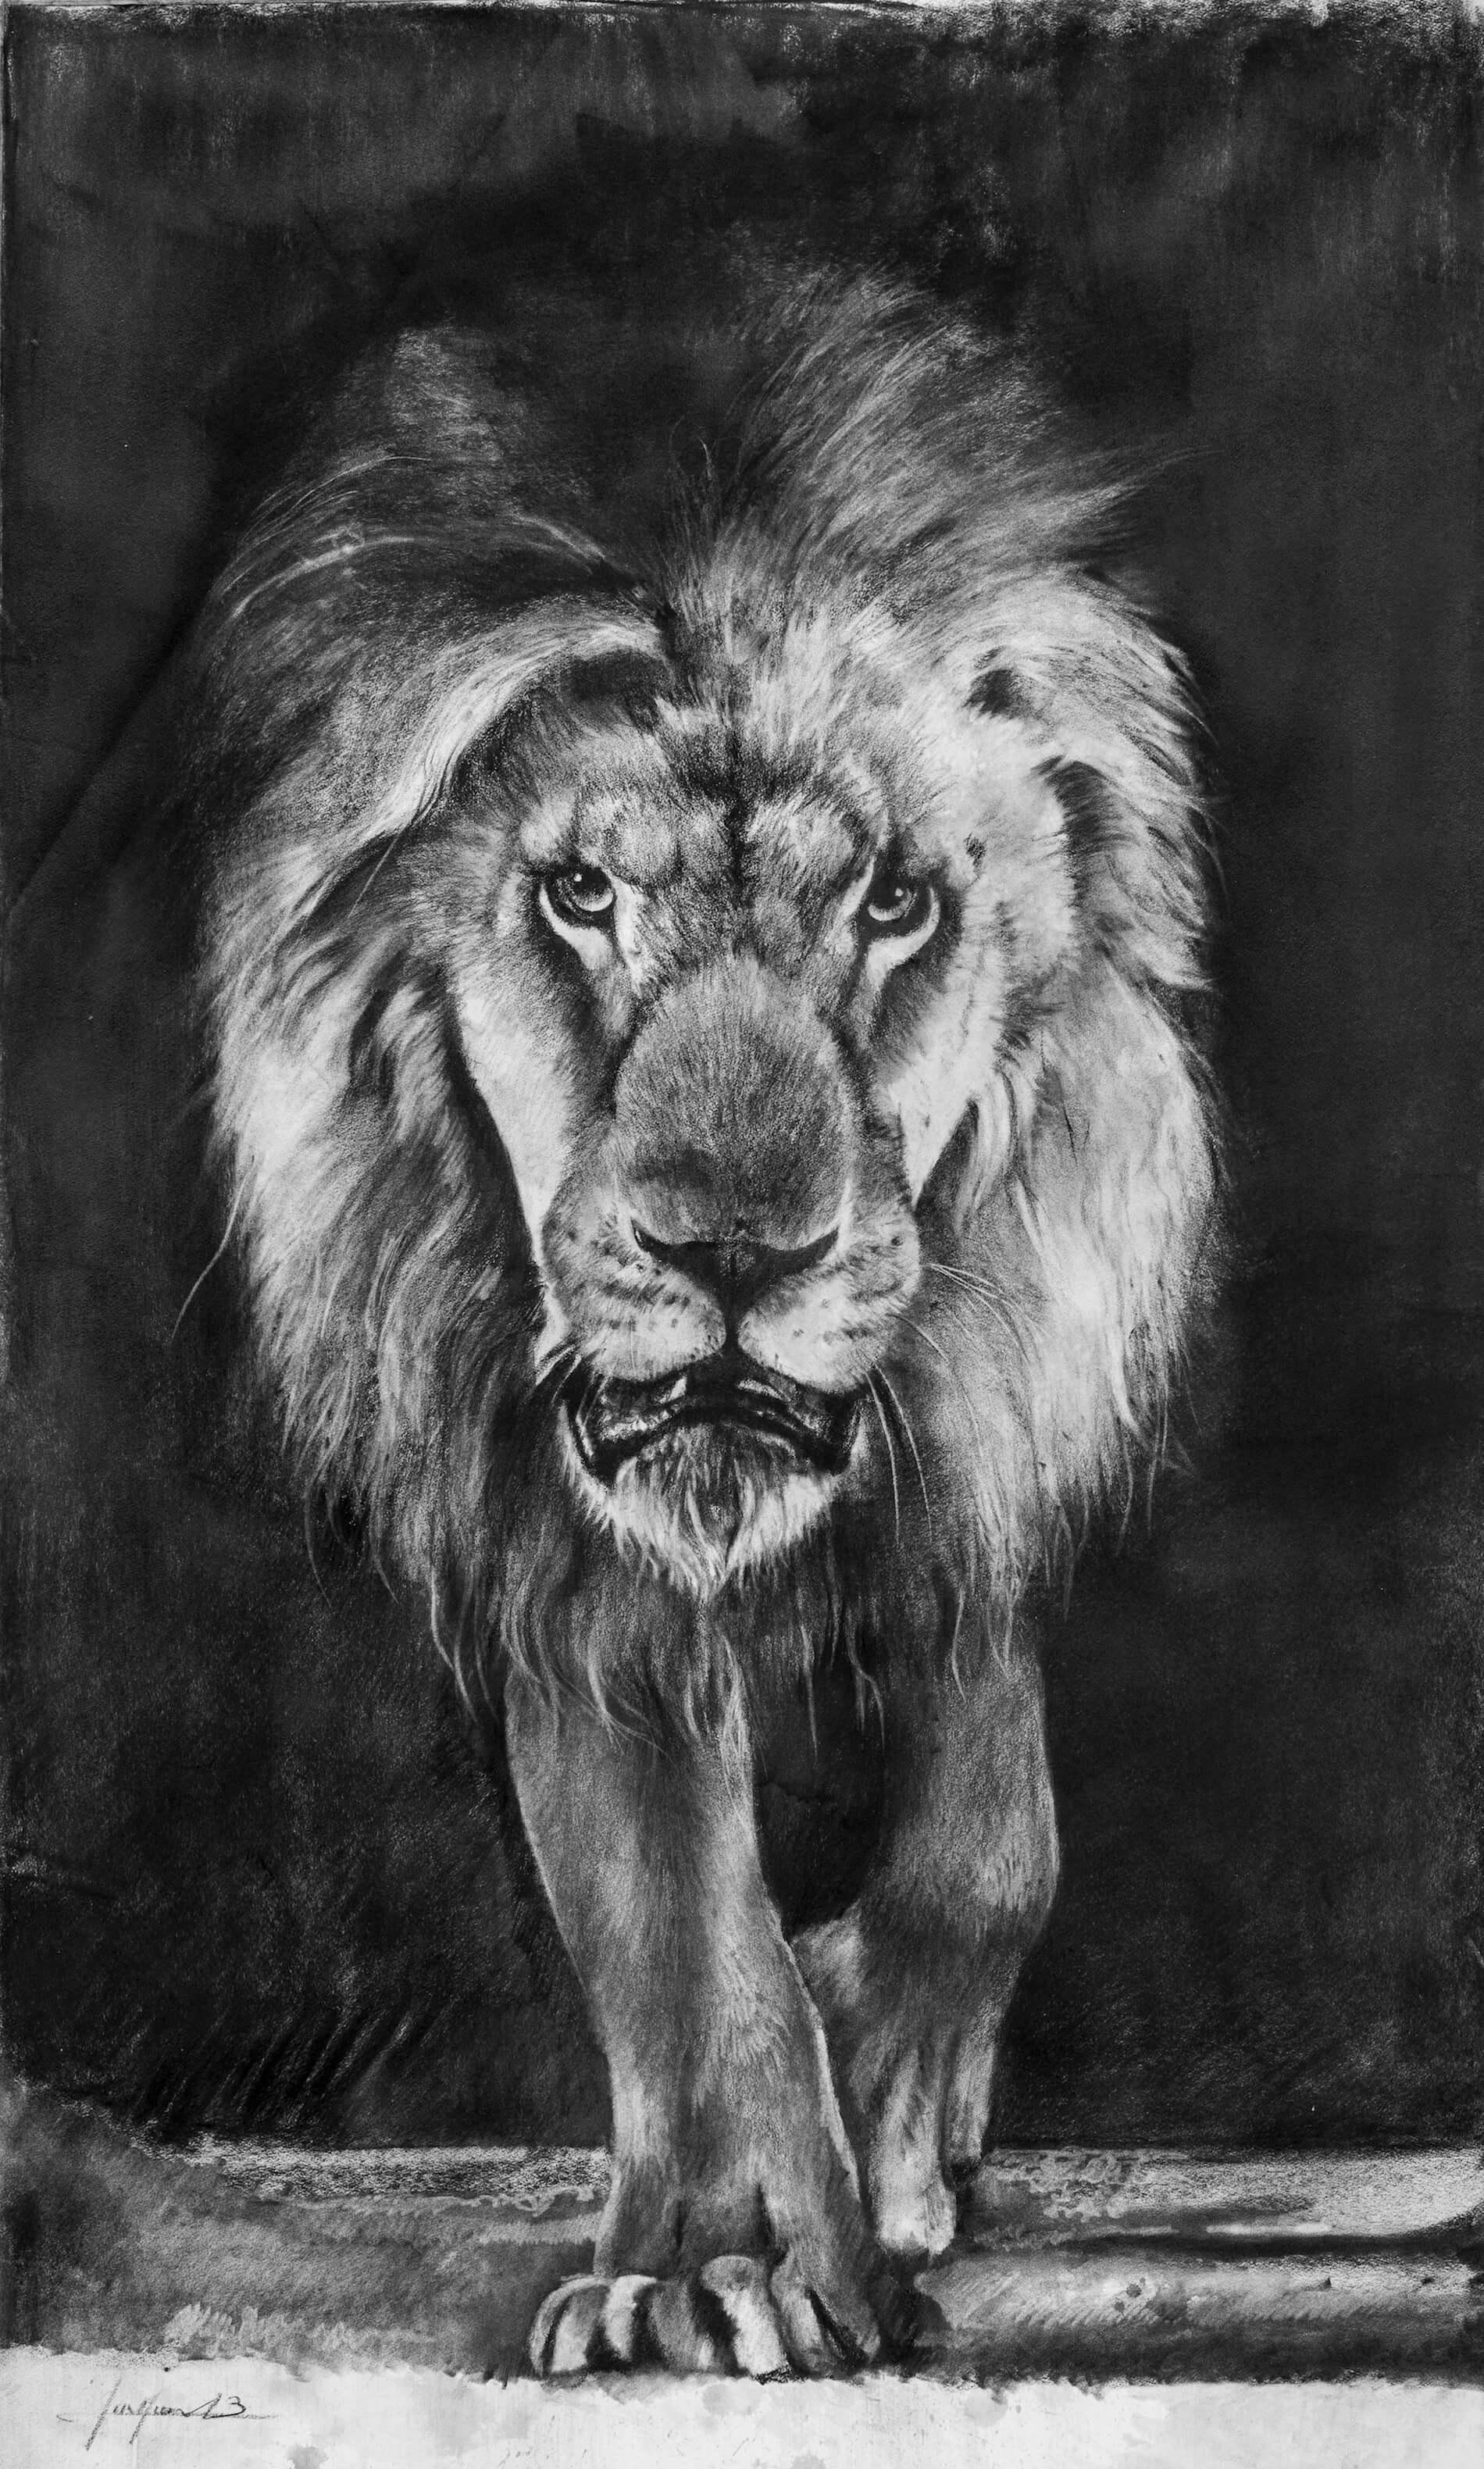 Dessin, fusain, lion par Aurélien Raynaud